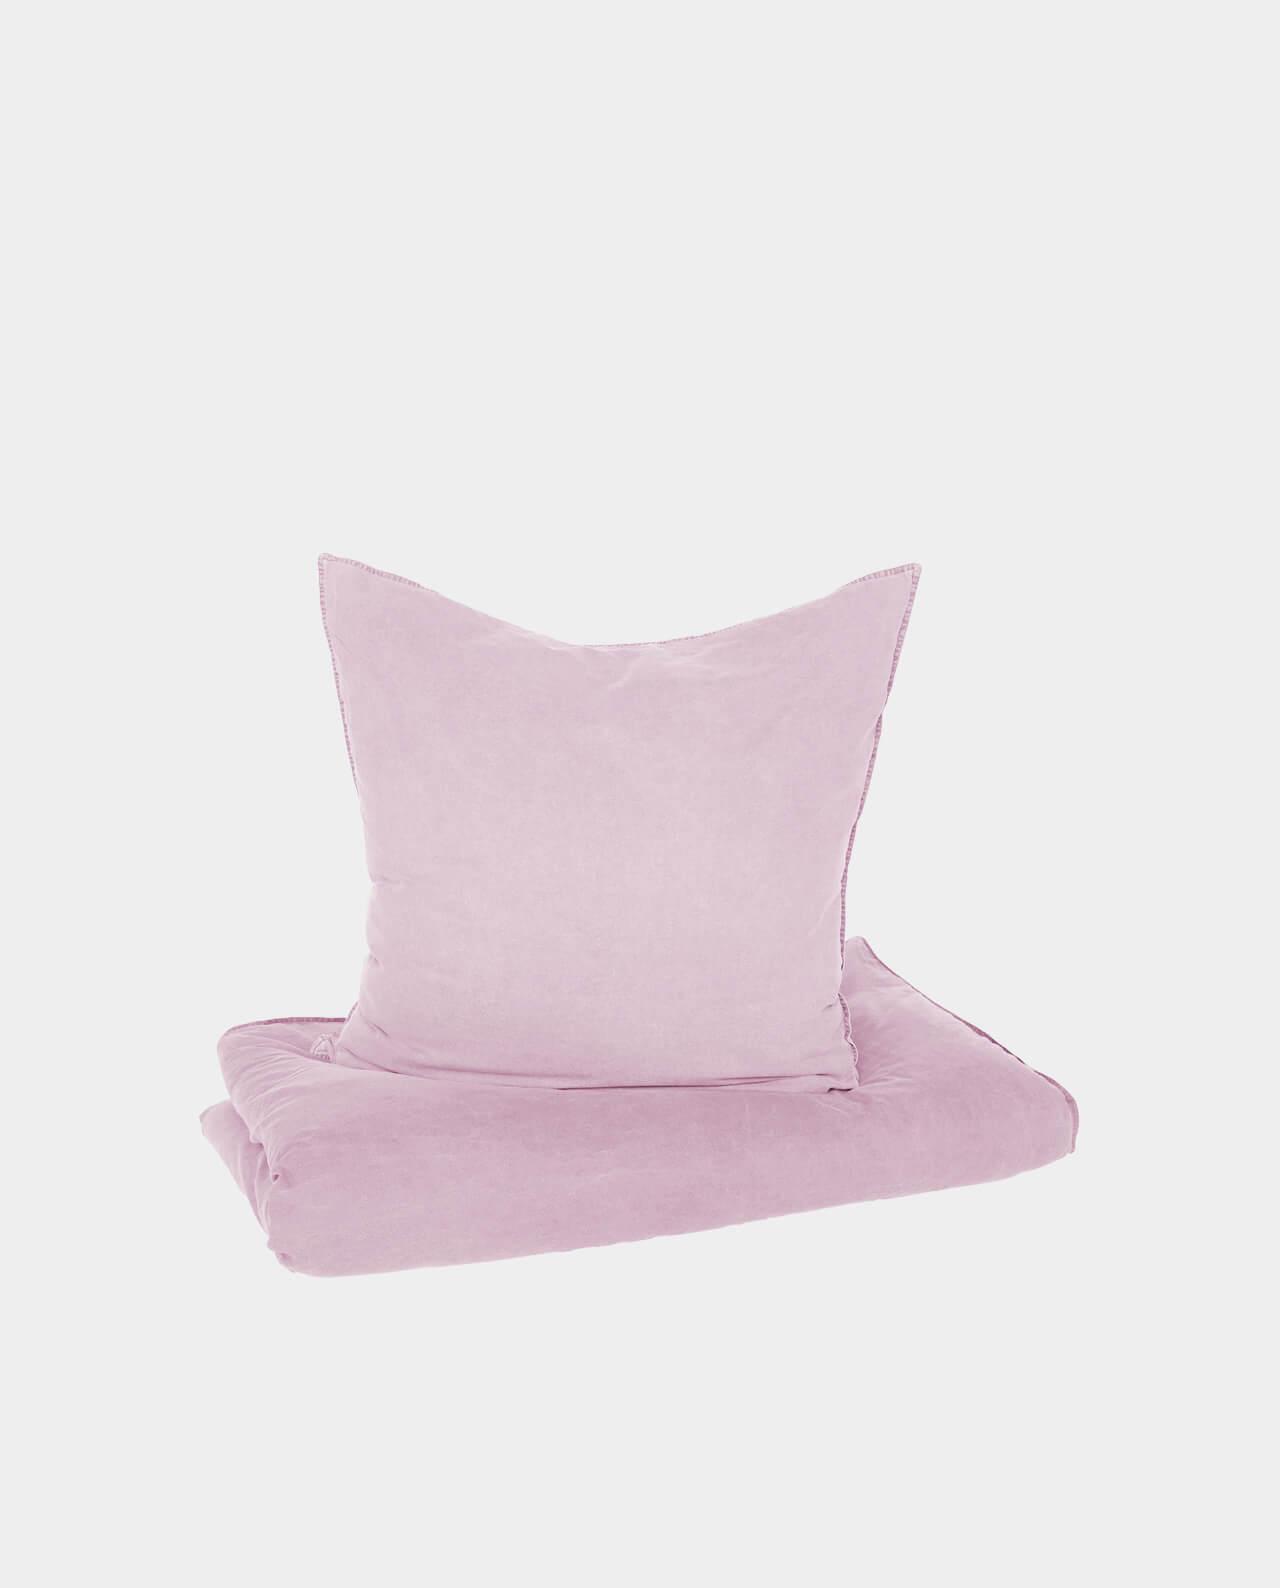 Bettwäsche Vintage Cotton Mit Knöpfen Altrosa Kopie Satamode